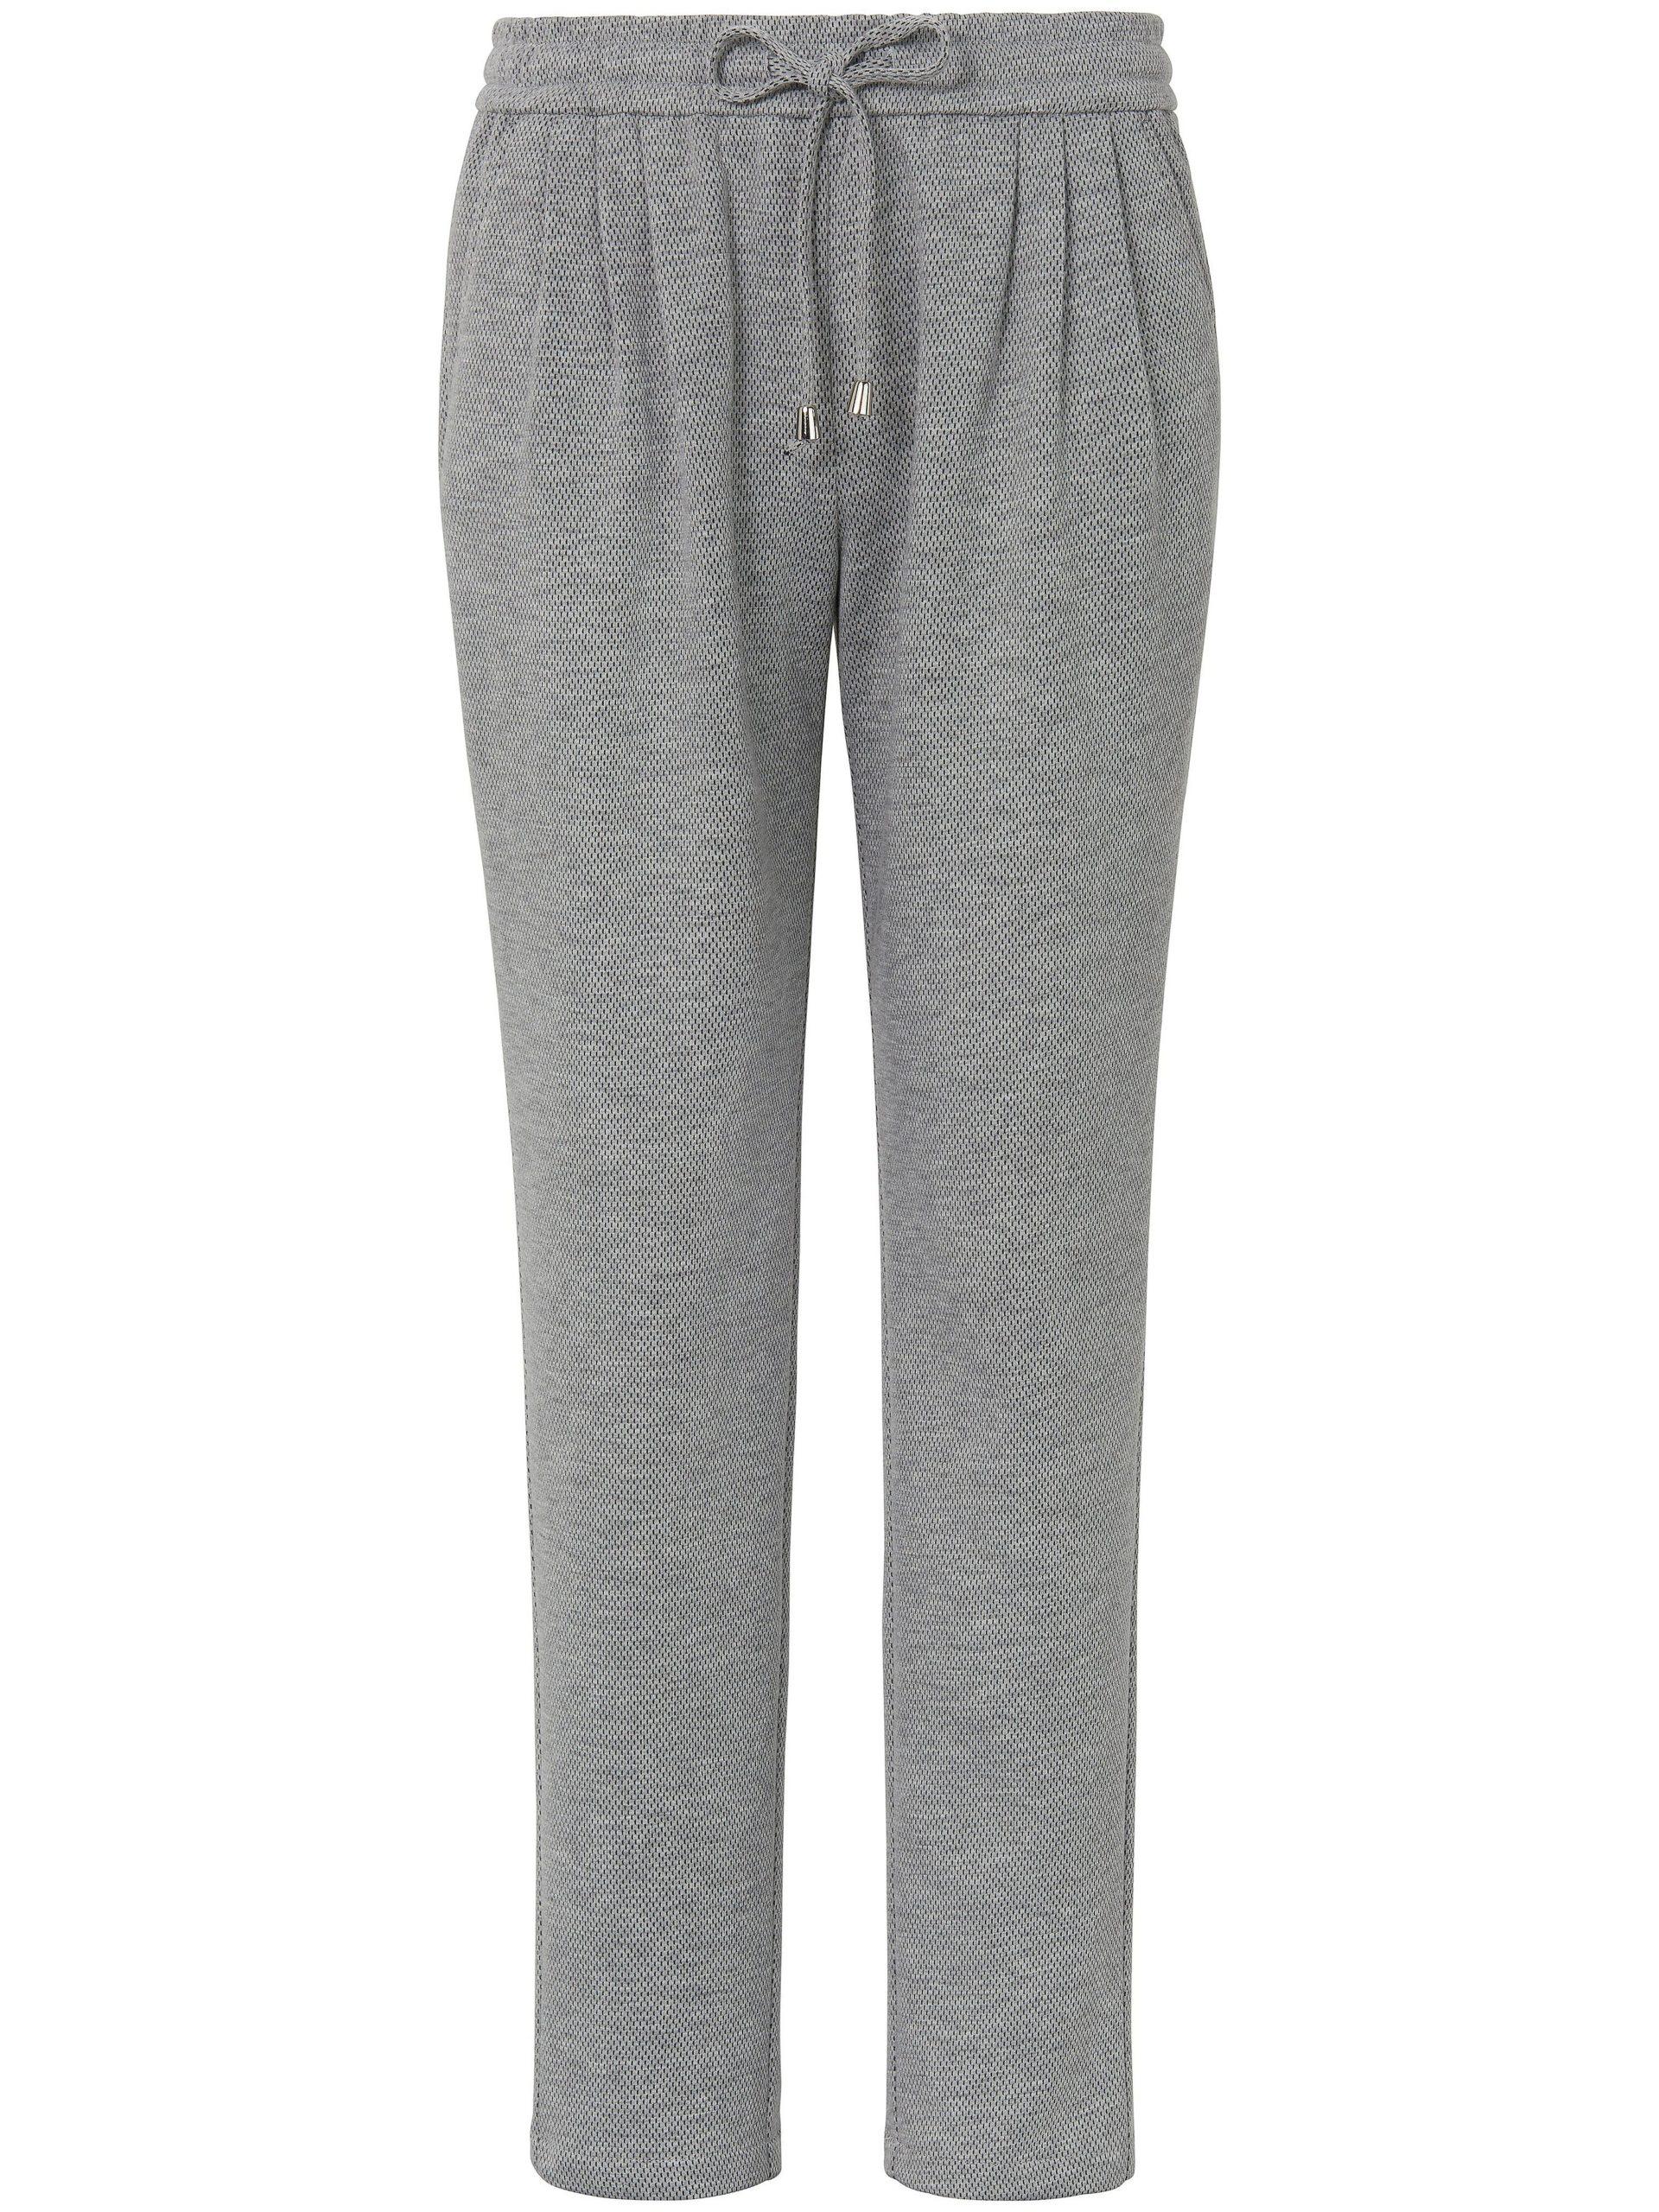 Broek in jogg-pant-stijl Van MYBC grijs Kopen